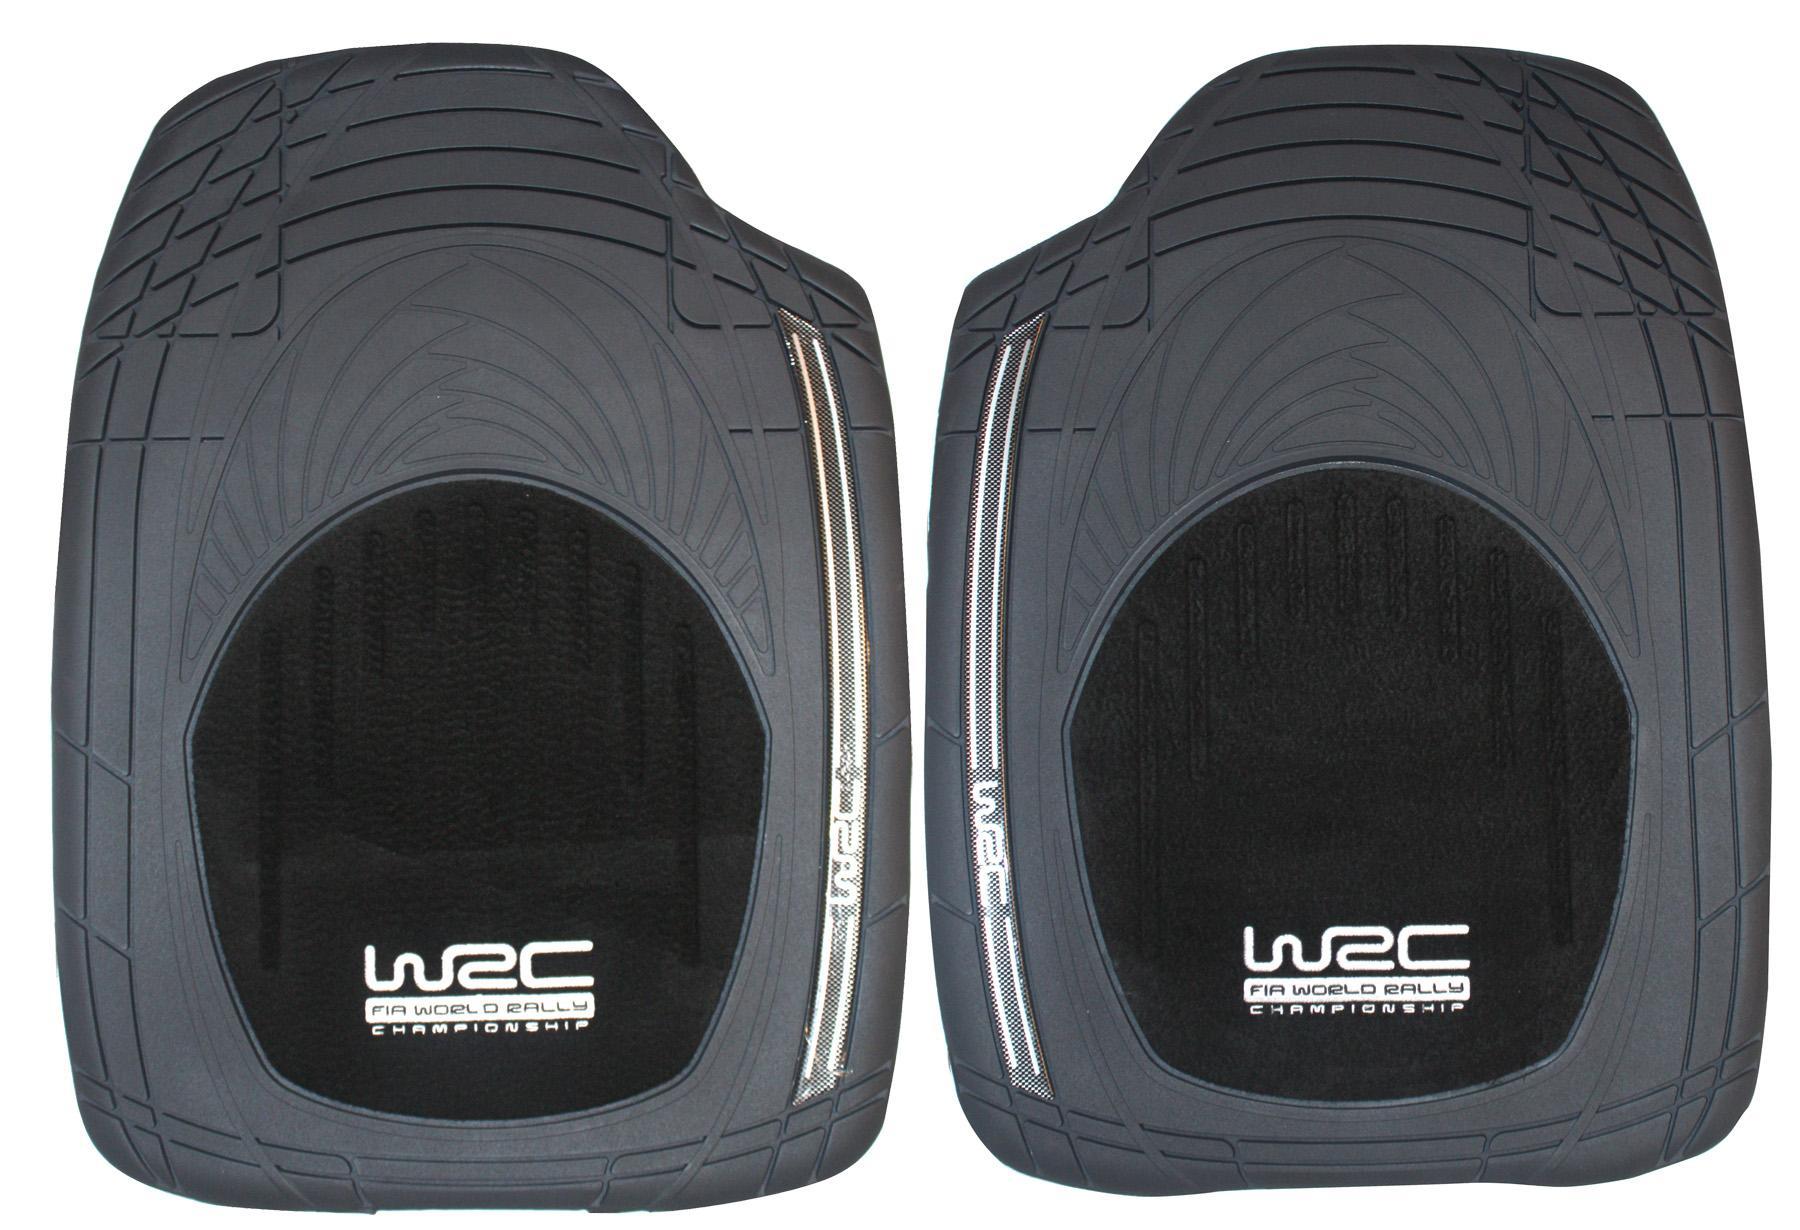 007435 Vloermatset WRC 007435 - Gigantisch assortiment — zwaar afgeprijsd